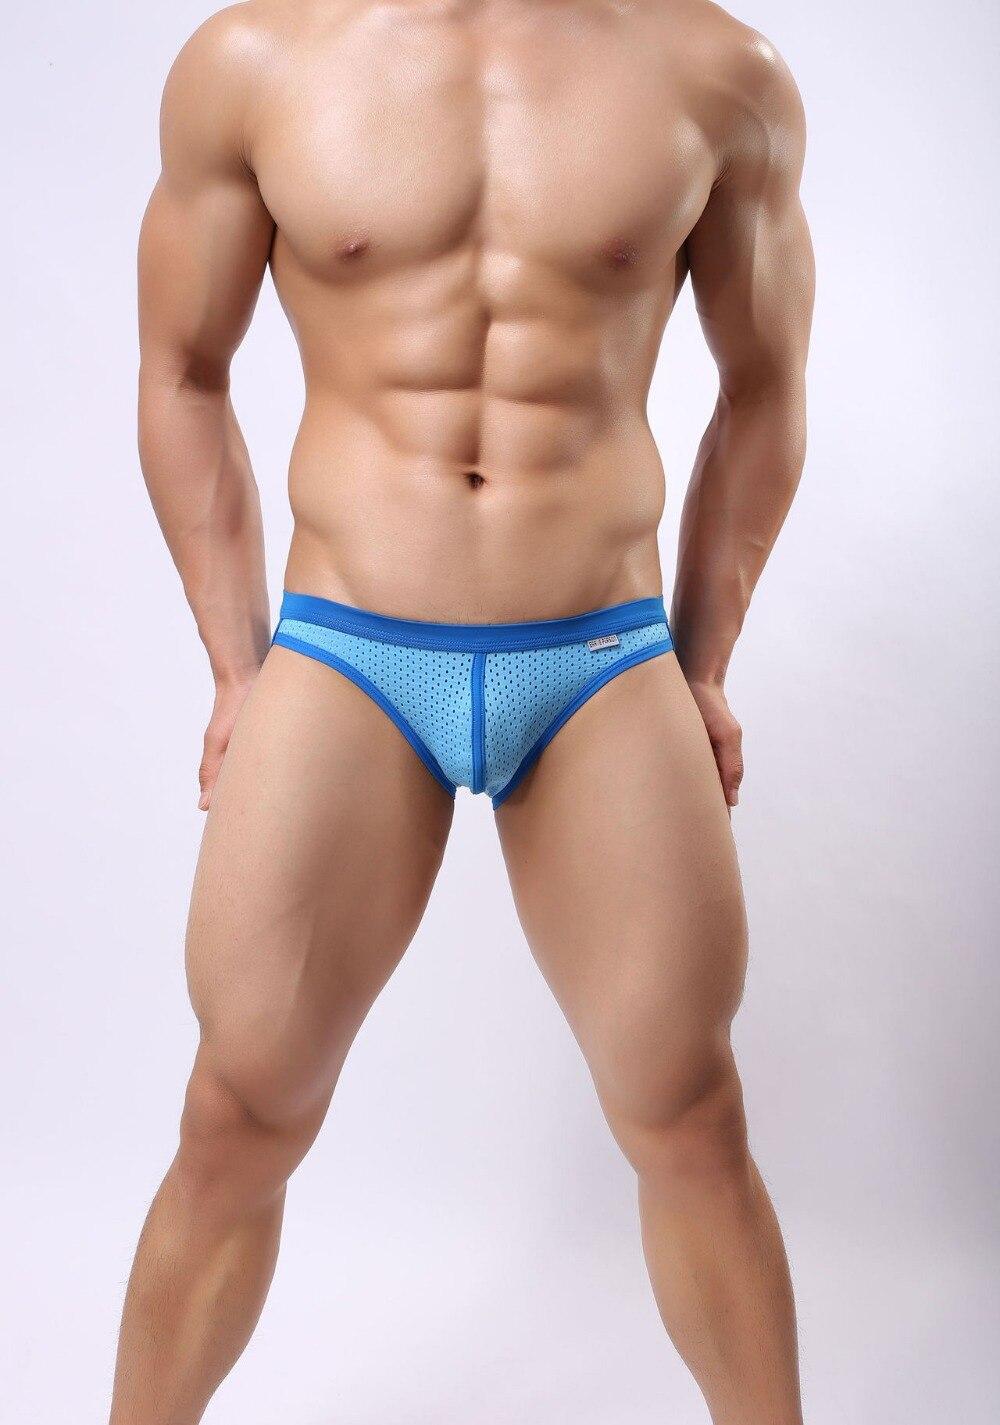 Underwear Men Briefs High Quality Brand Underwear Briefs Shorts Mens Bikinis Men Sexy Me ...